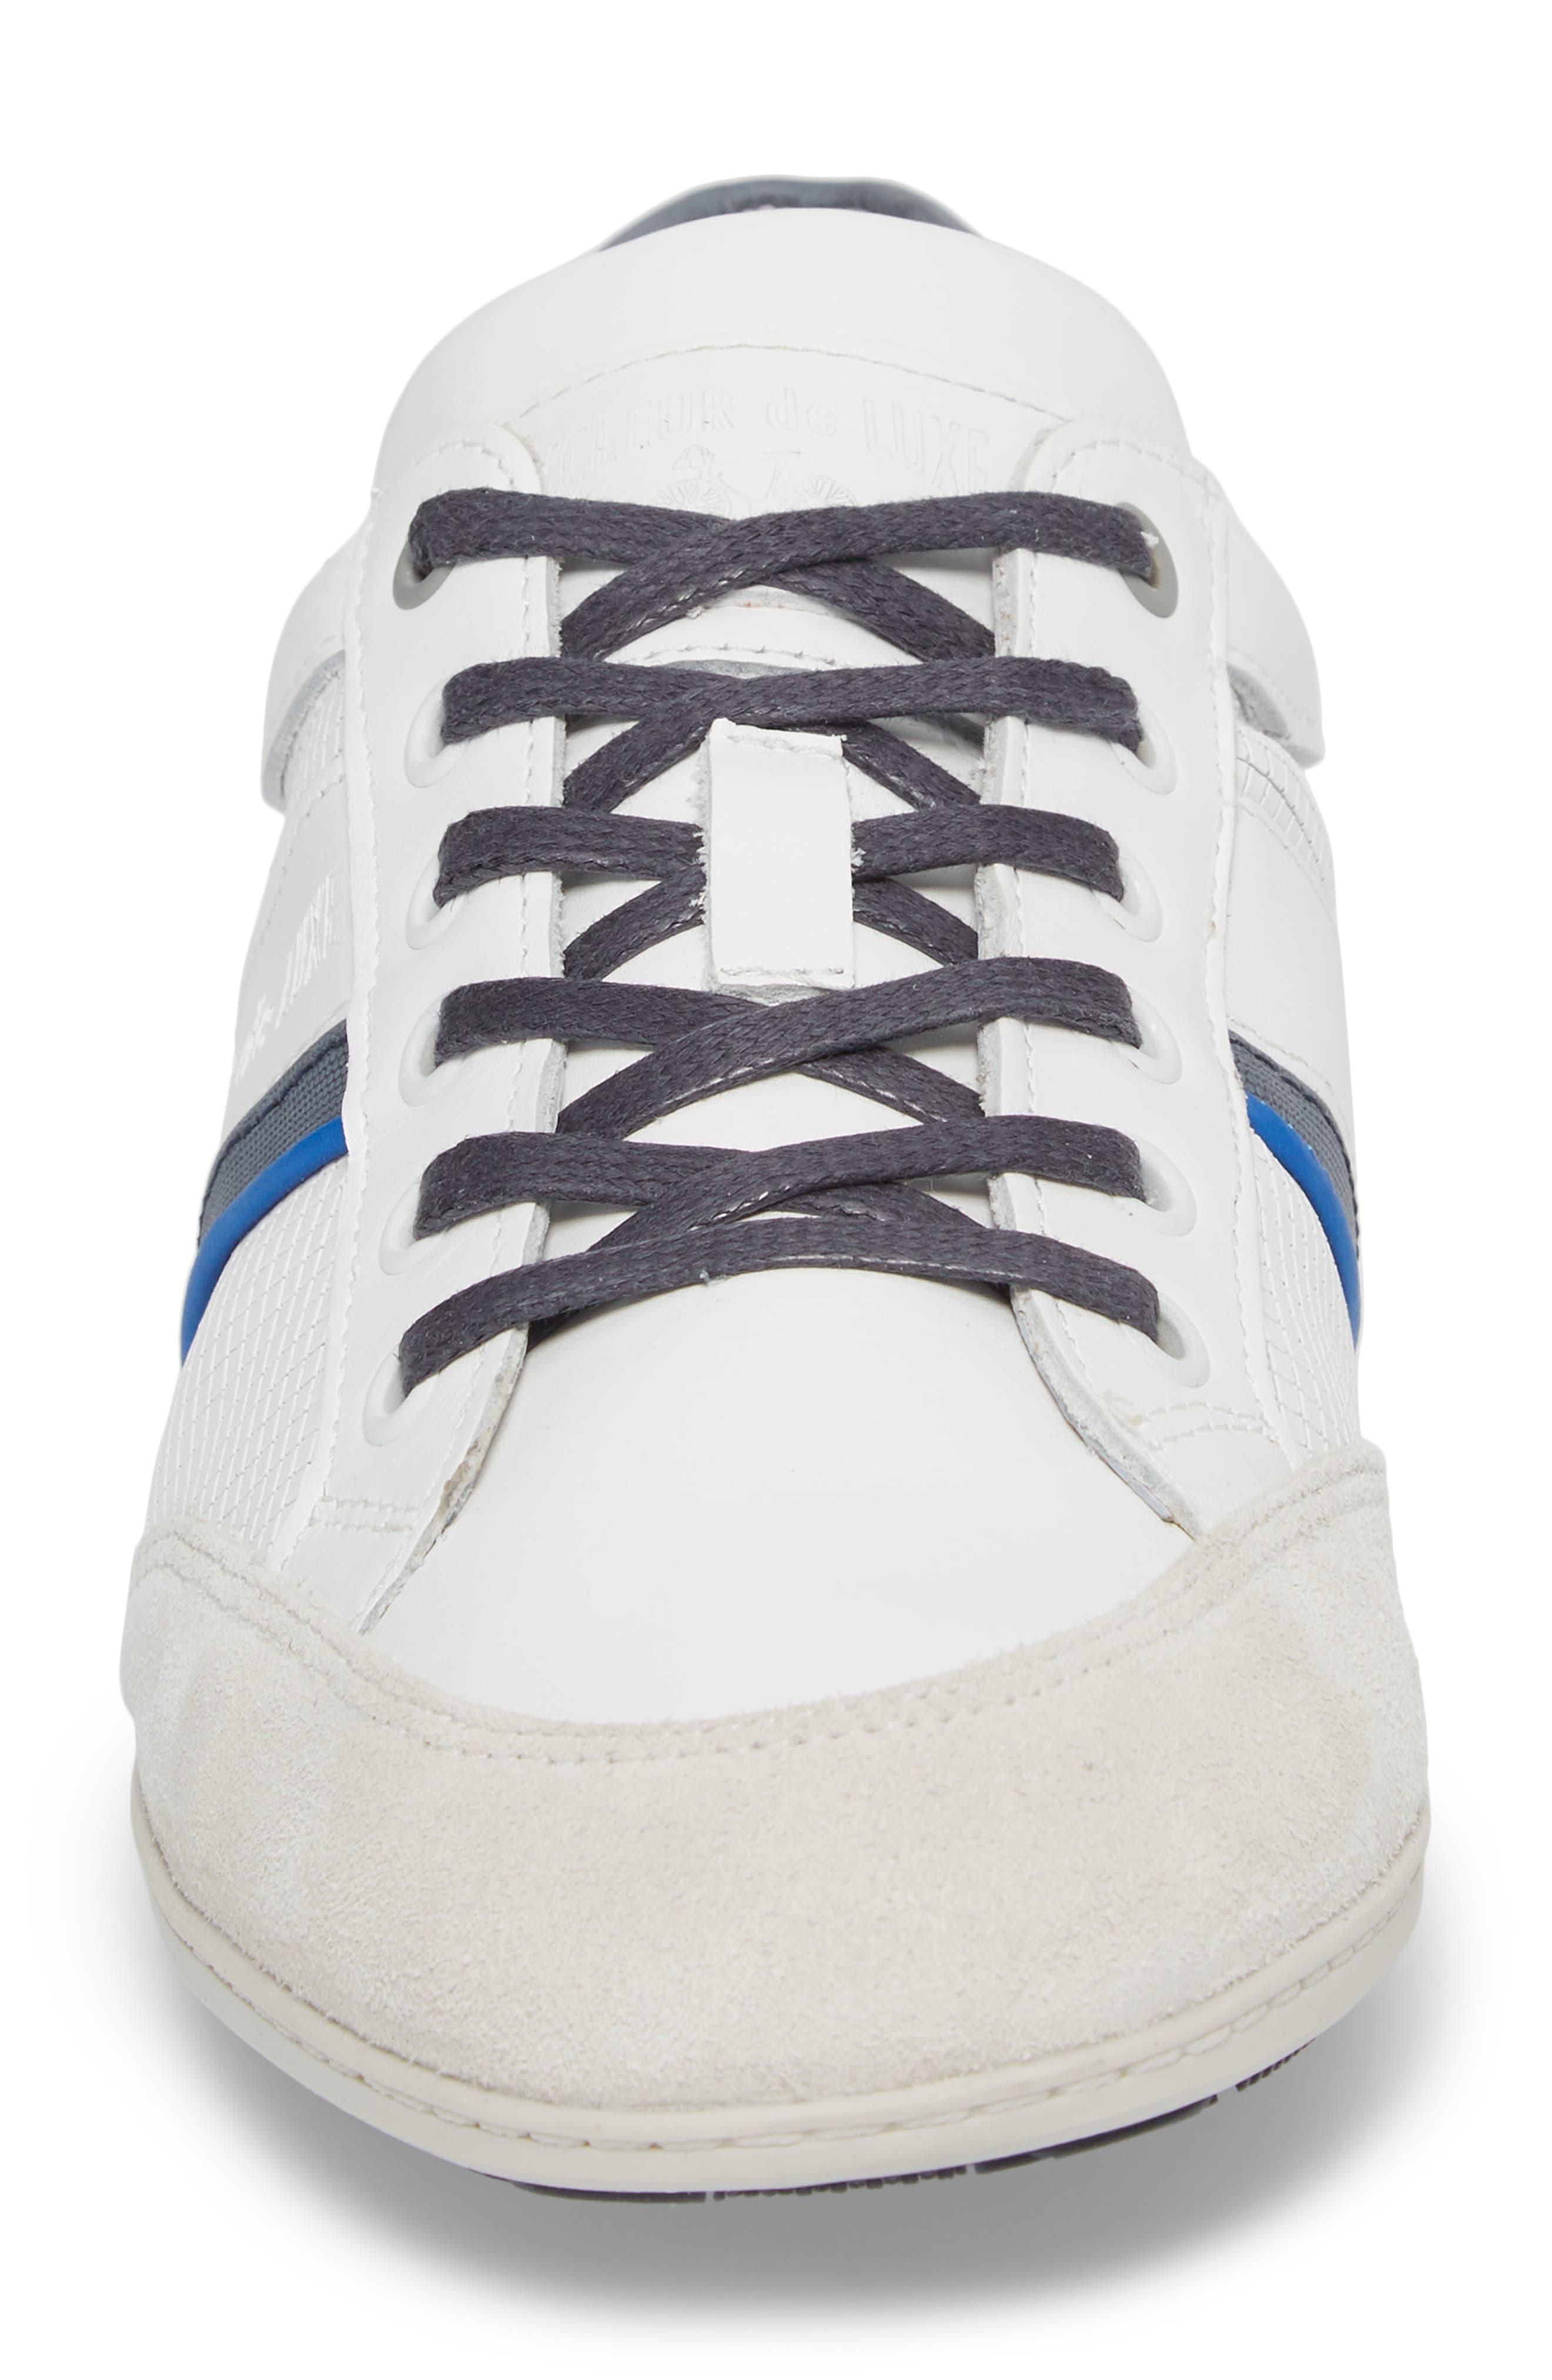 Bahamas Low Top Sneaker,                             Alternate thumbnail 4, color,                             100